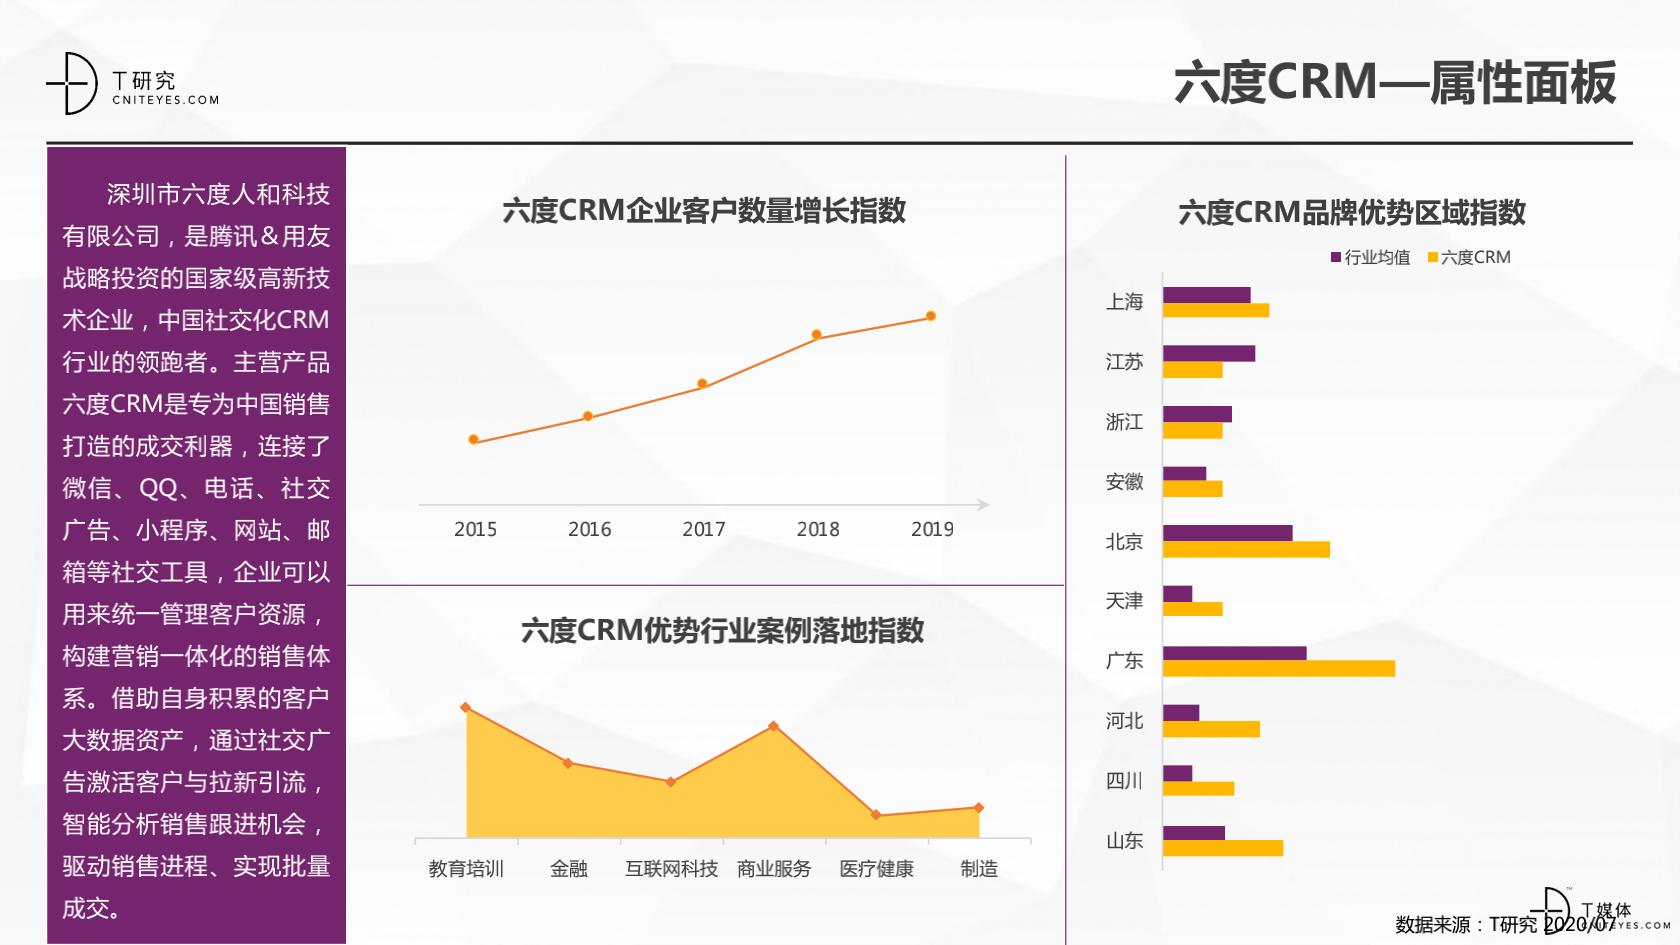 2_2020中国CRM指数测评报告v1.5_29.png